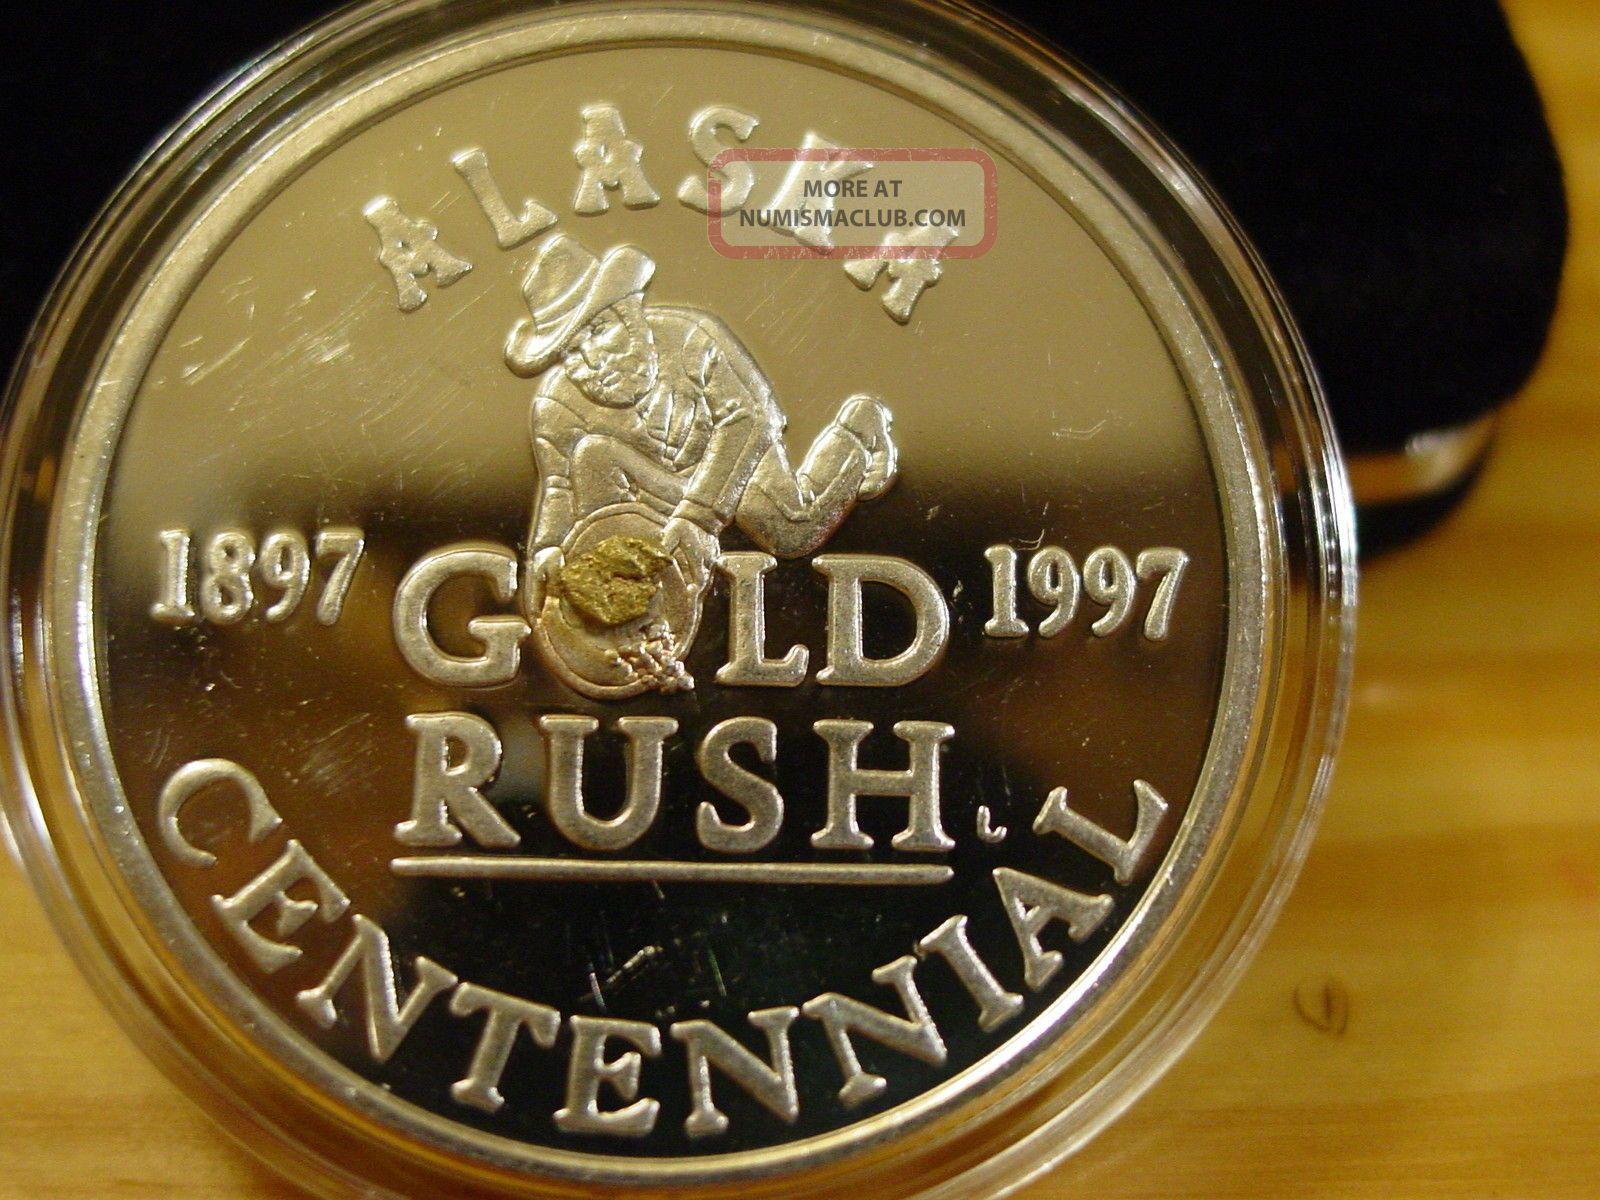 Alaska 1997 Centennial Gold Panner Medallion 999 Silver